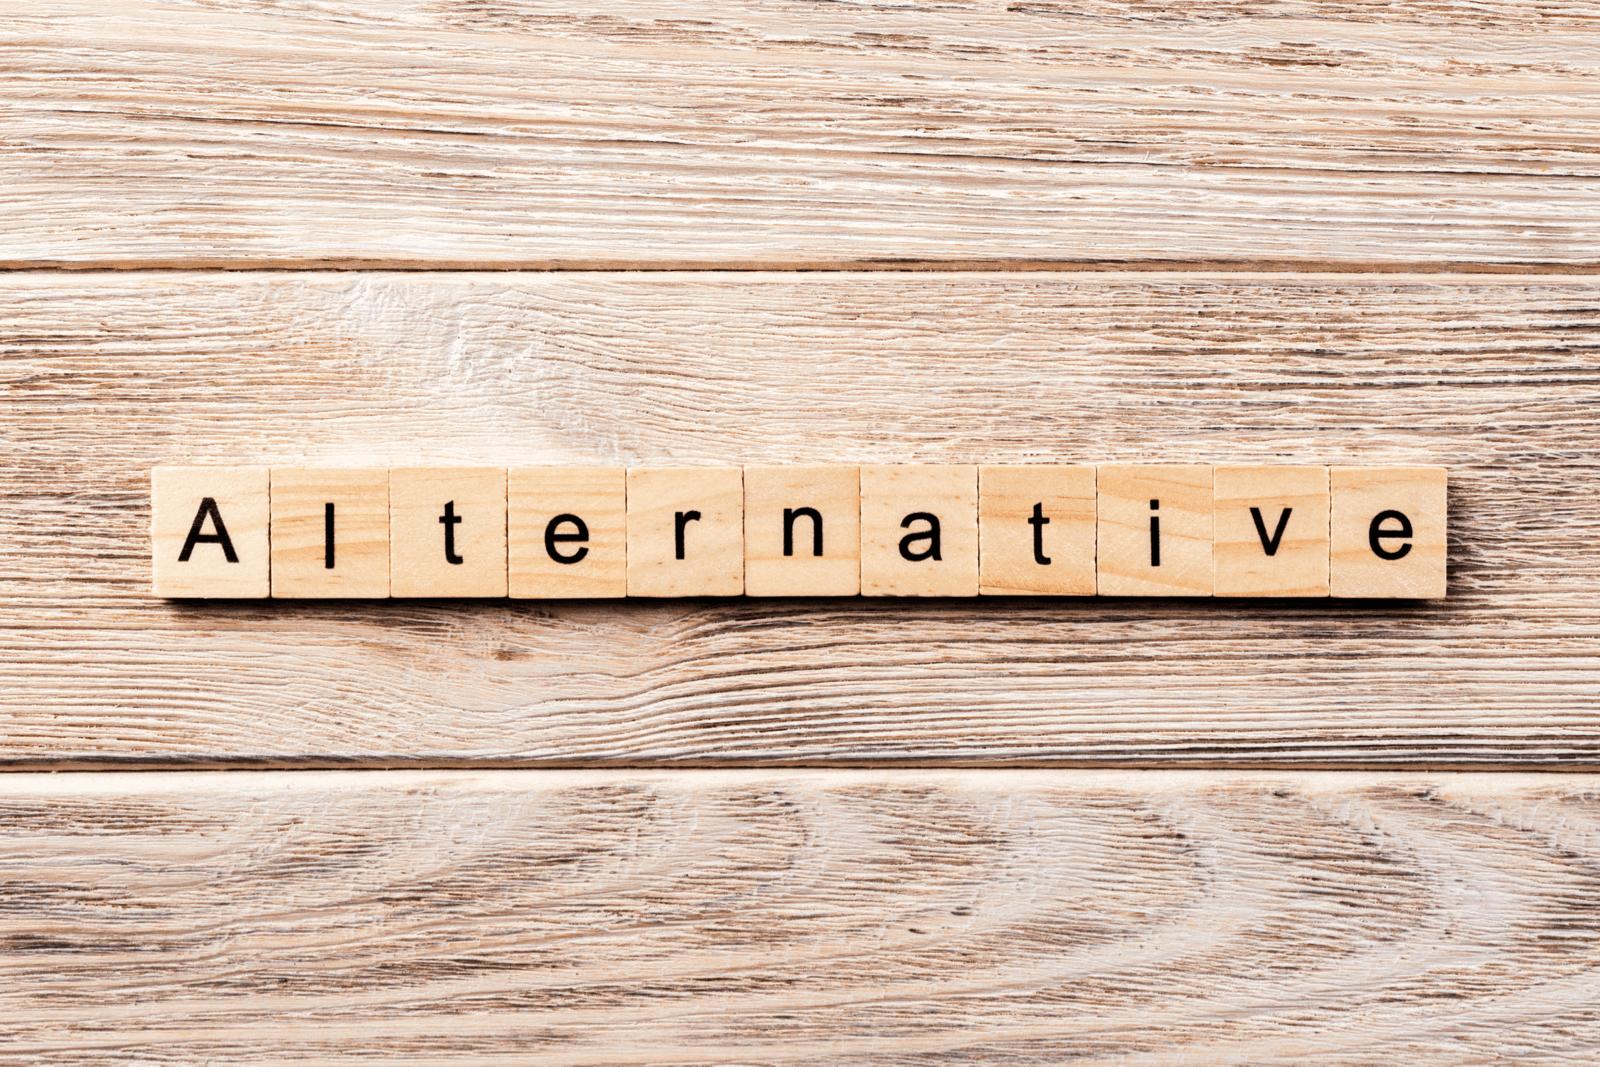 「Alternative」と印字された木のブロック